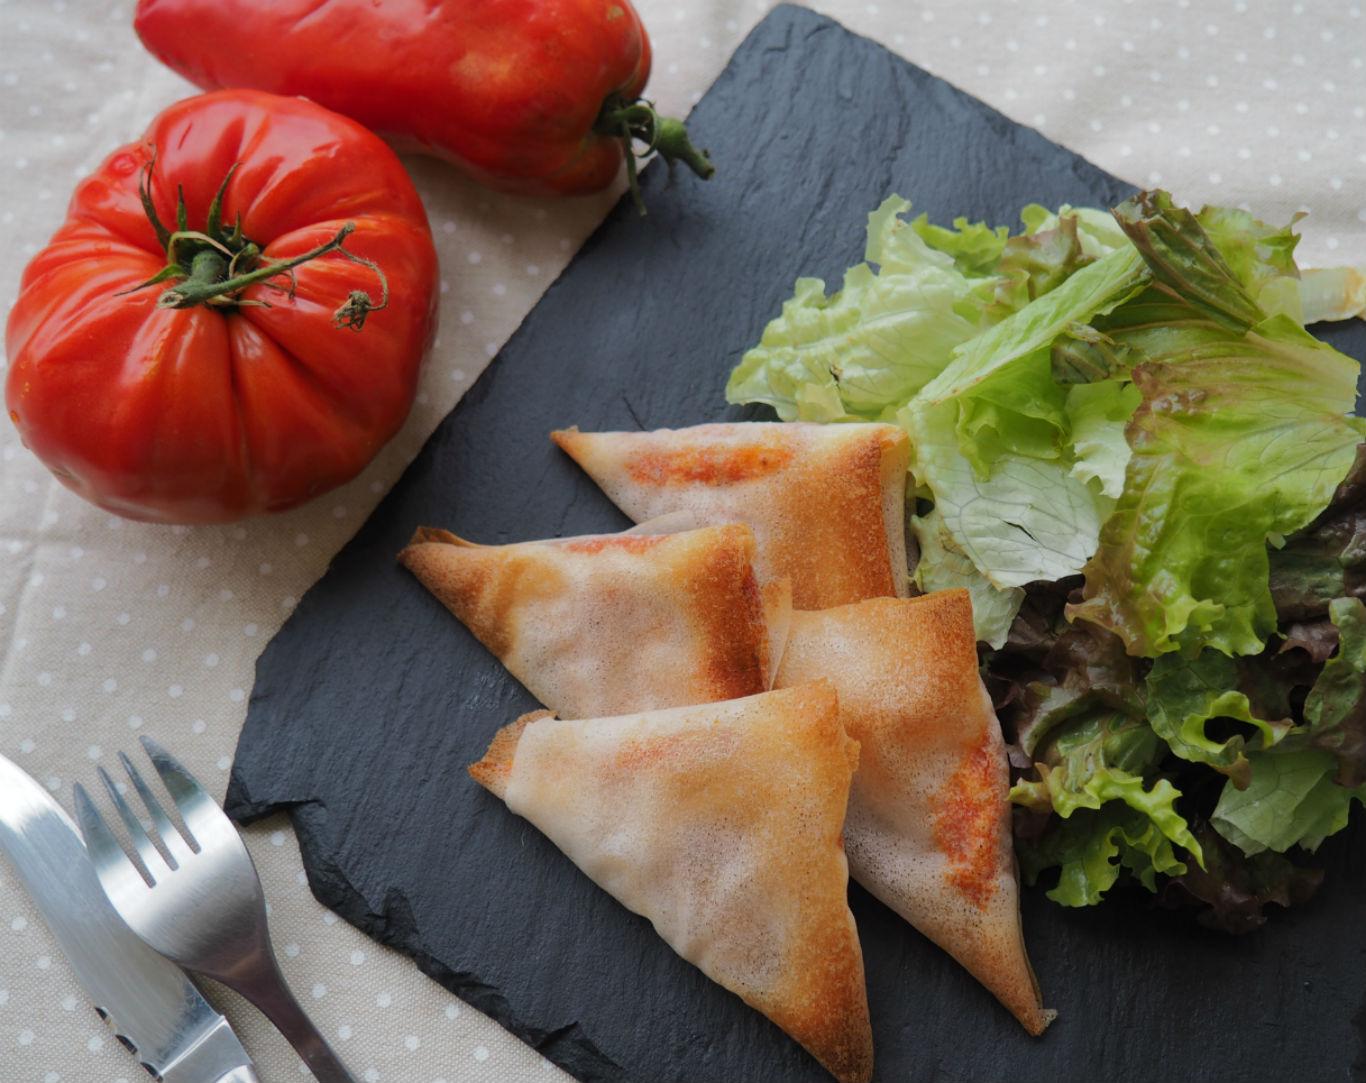 Brick tomates ricotta pour apéro gourmand